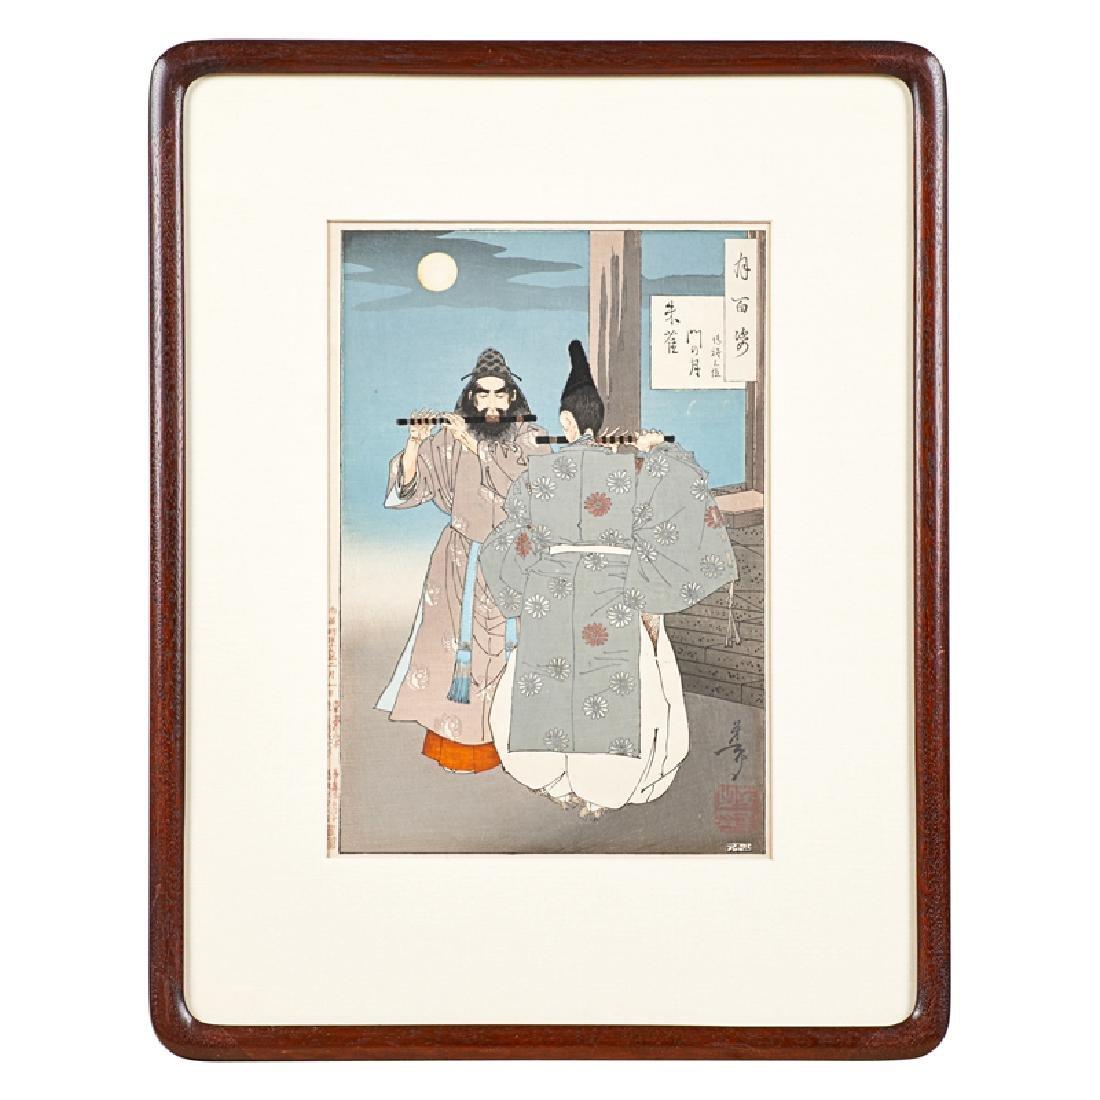 TSUKIOKA YOSHITOSHI (Japanese, 1839-1892) - 3